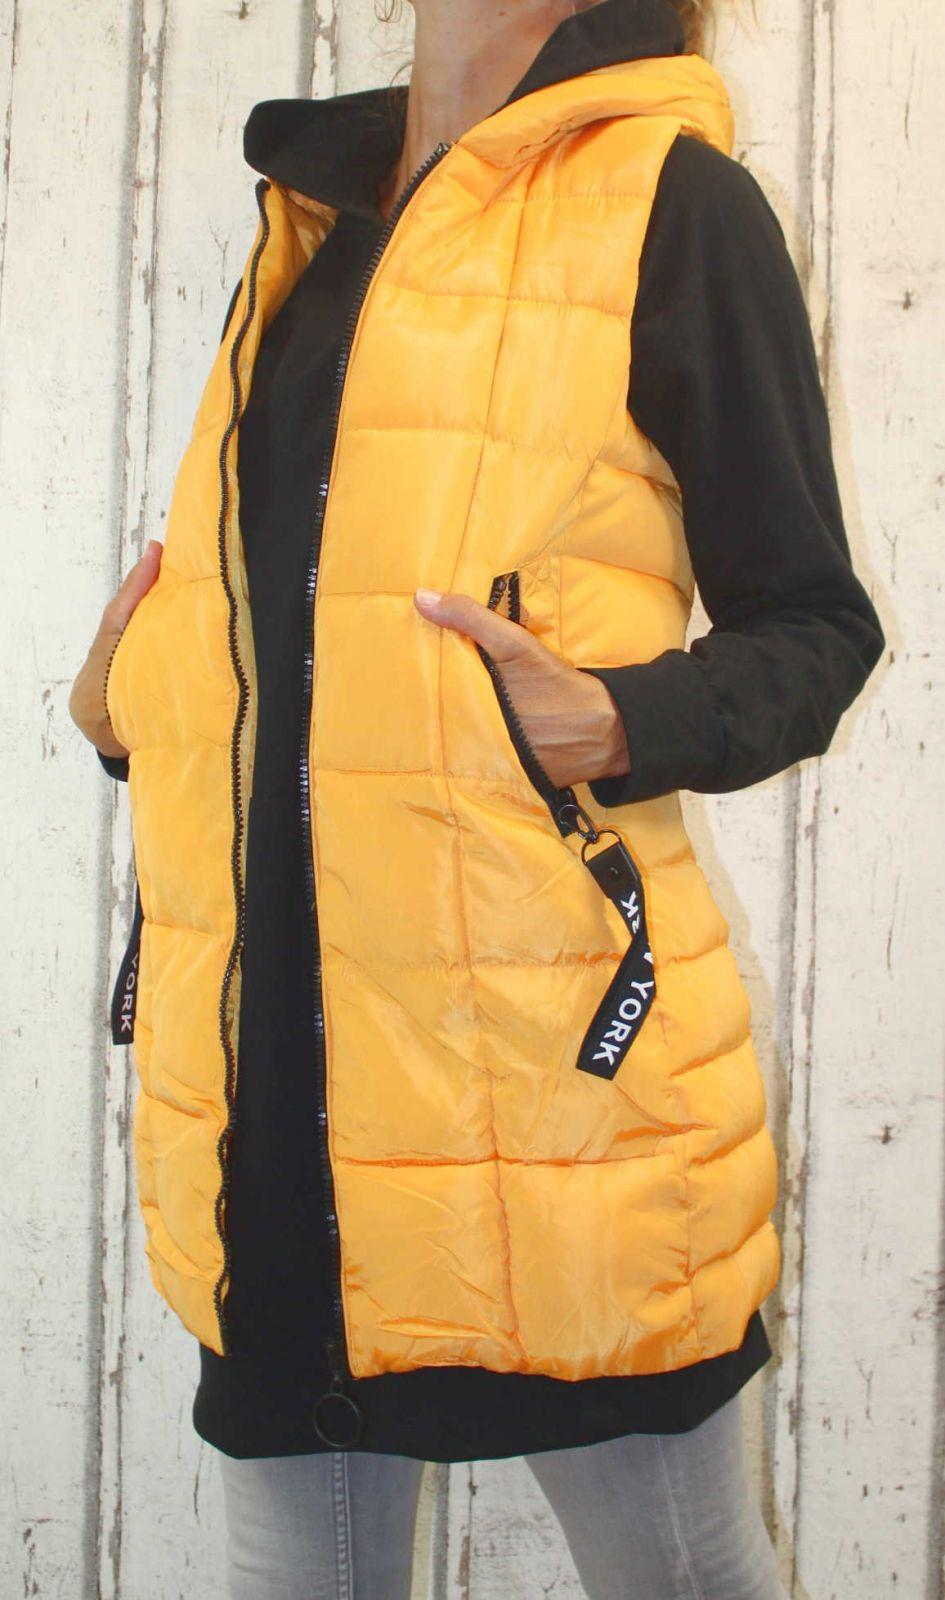 Dámská dlouhá vesta, dámská prošívaná vesta, dlouhá žlutá vesta, dámská vesta, dámská vesta s kapucí, podzimní dlouhá vesta, jarní dlouhá vesta Italy Moda